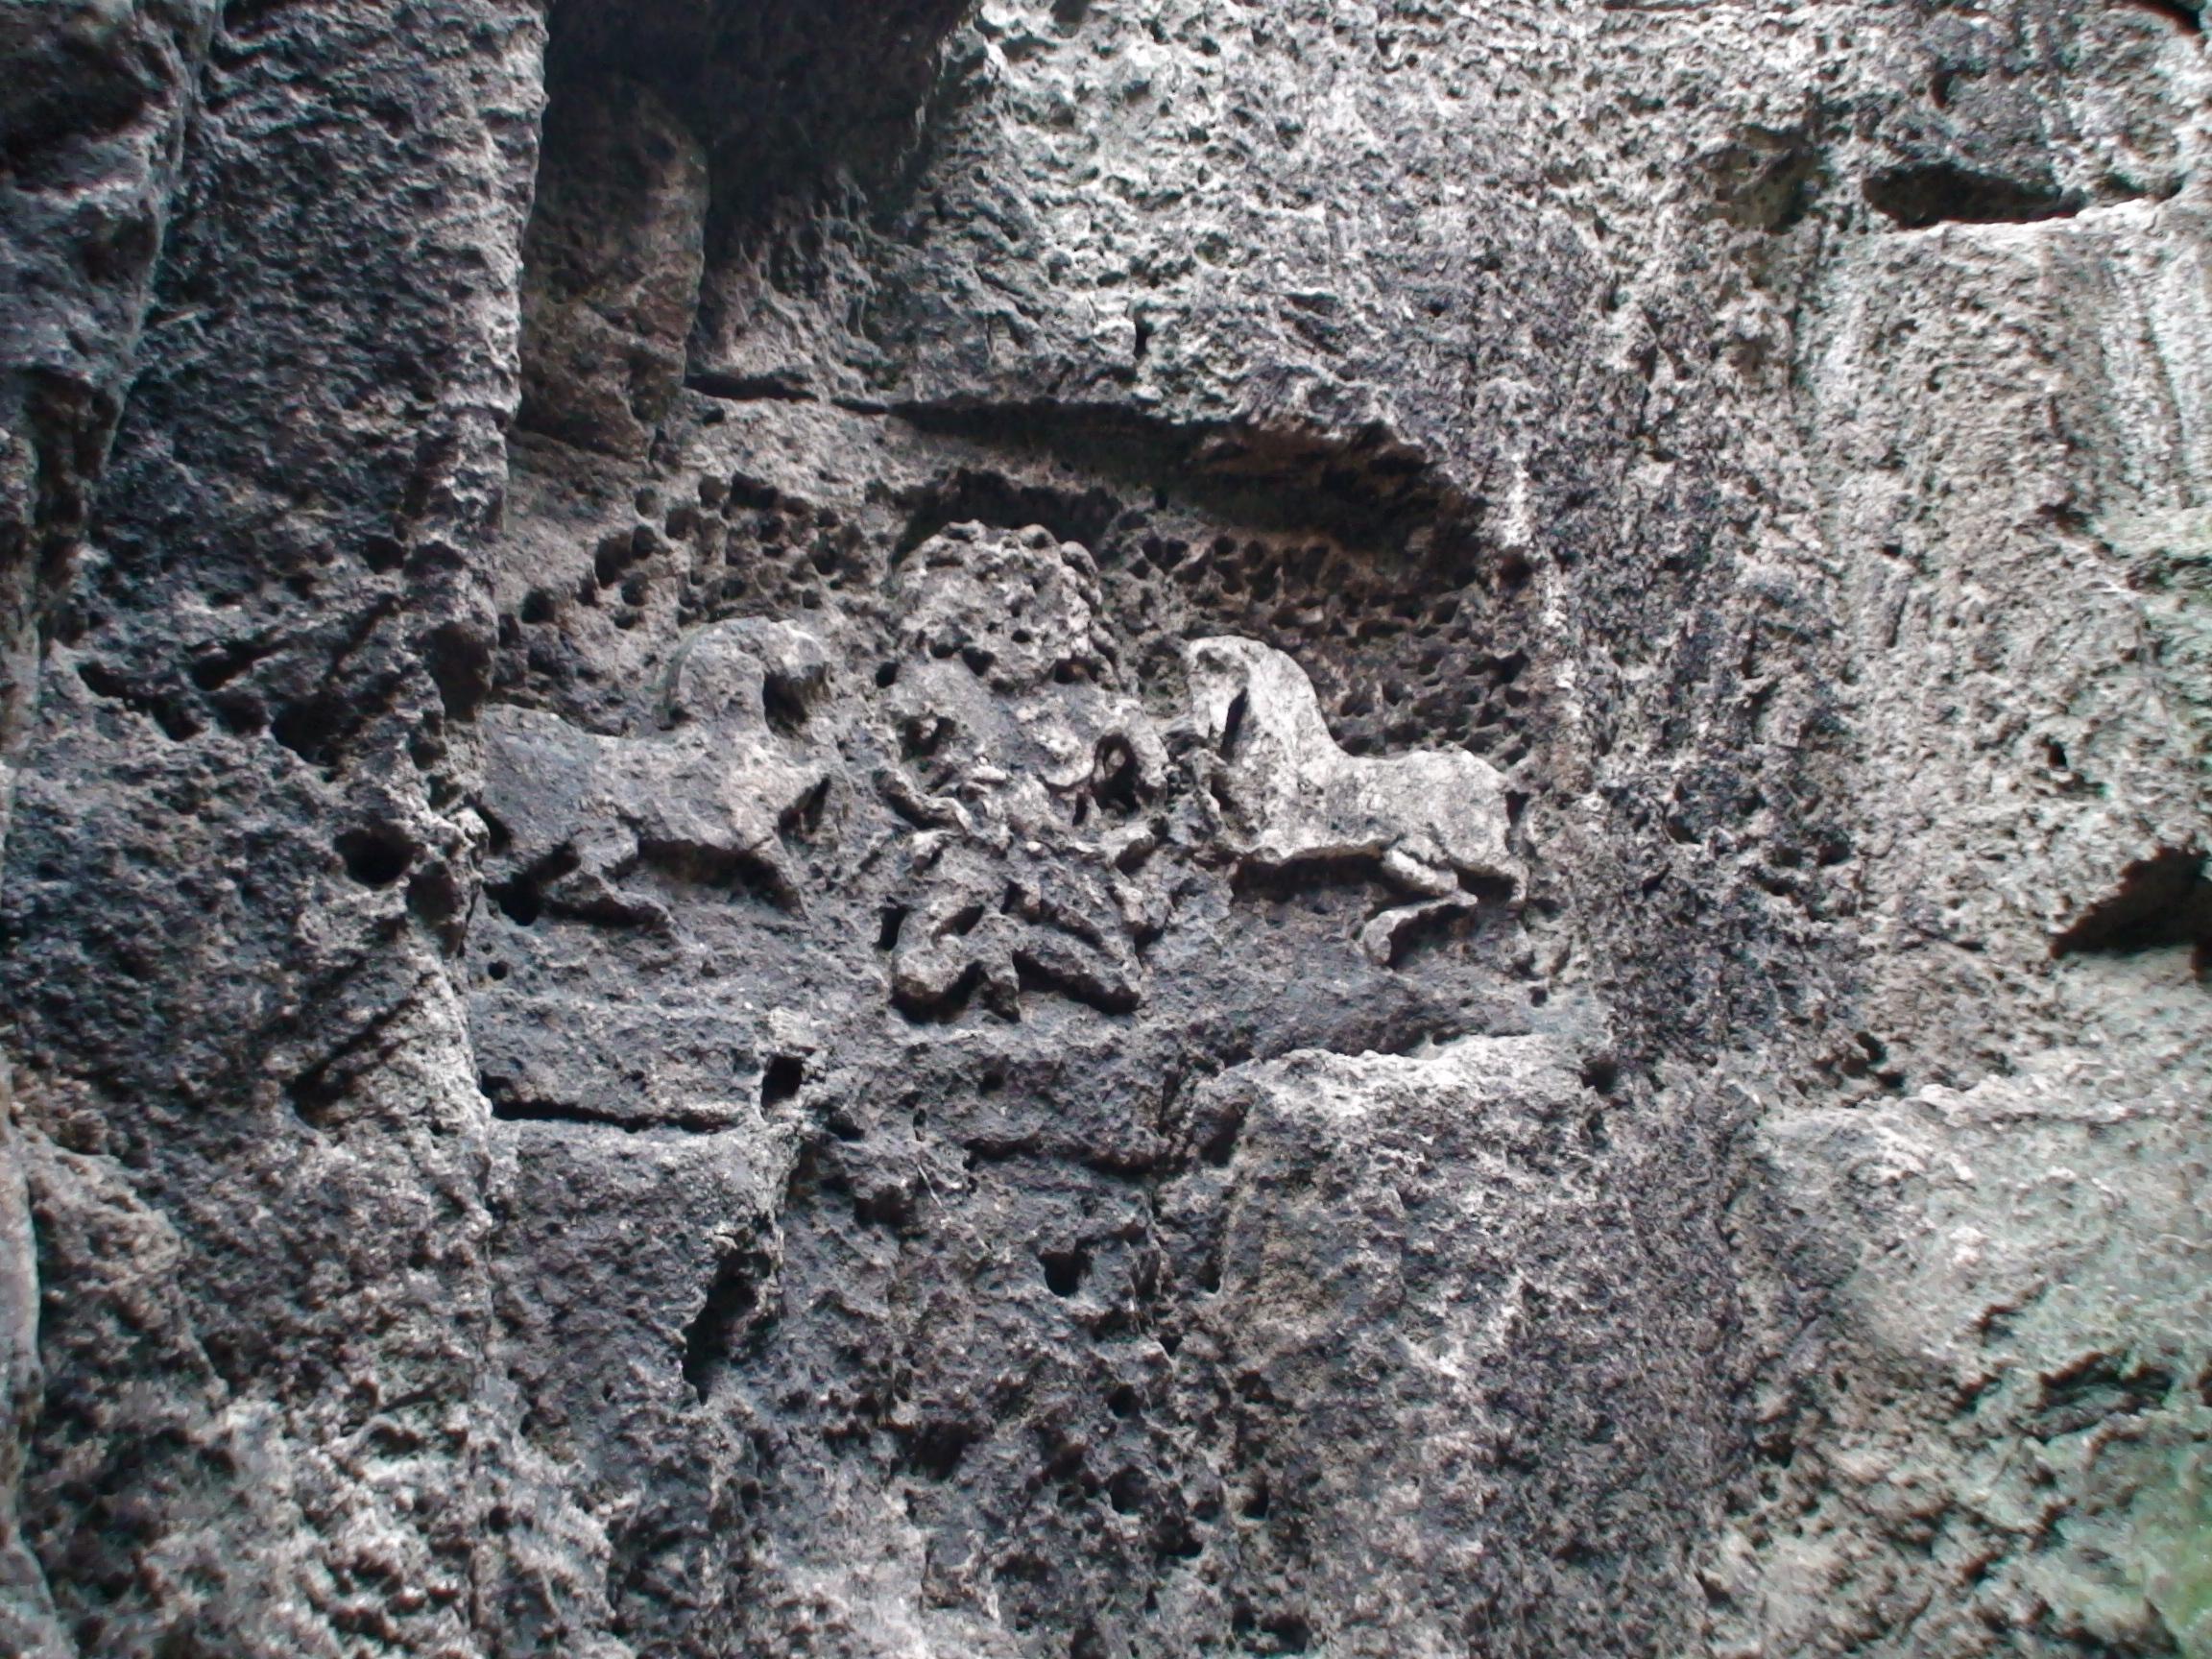 Penemuan Candra Sangkala 1 Museum Trunojoyo Dsc00053 Sumur Daksan Kab